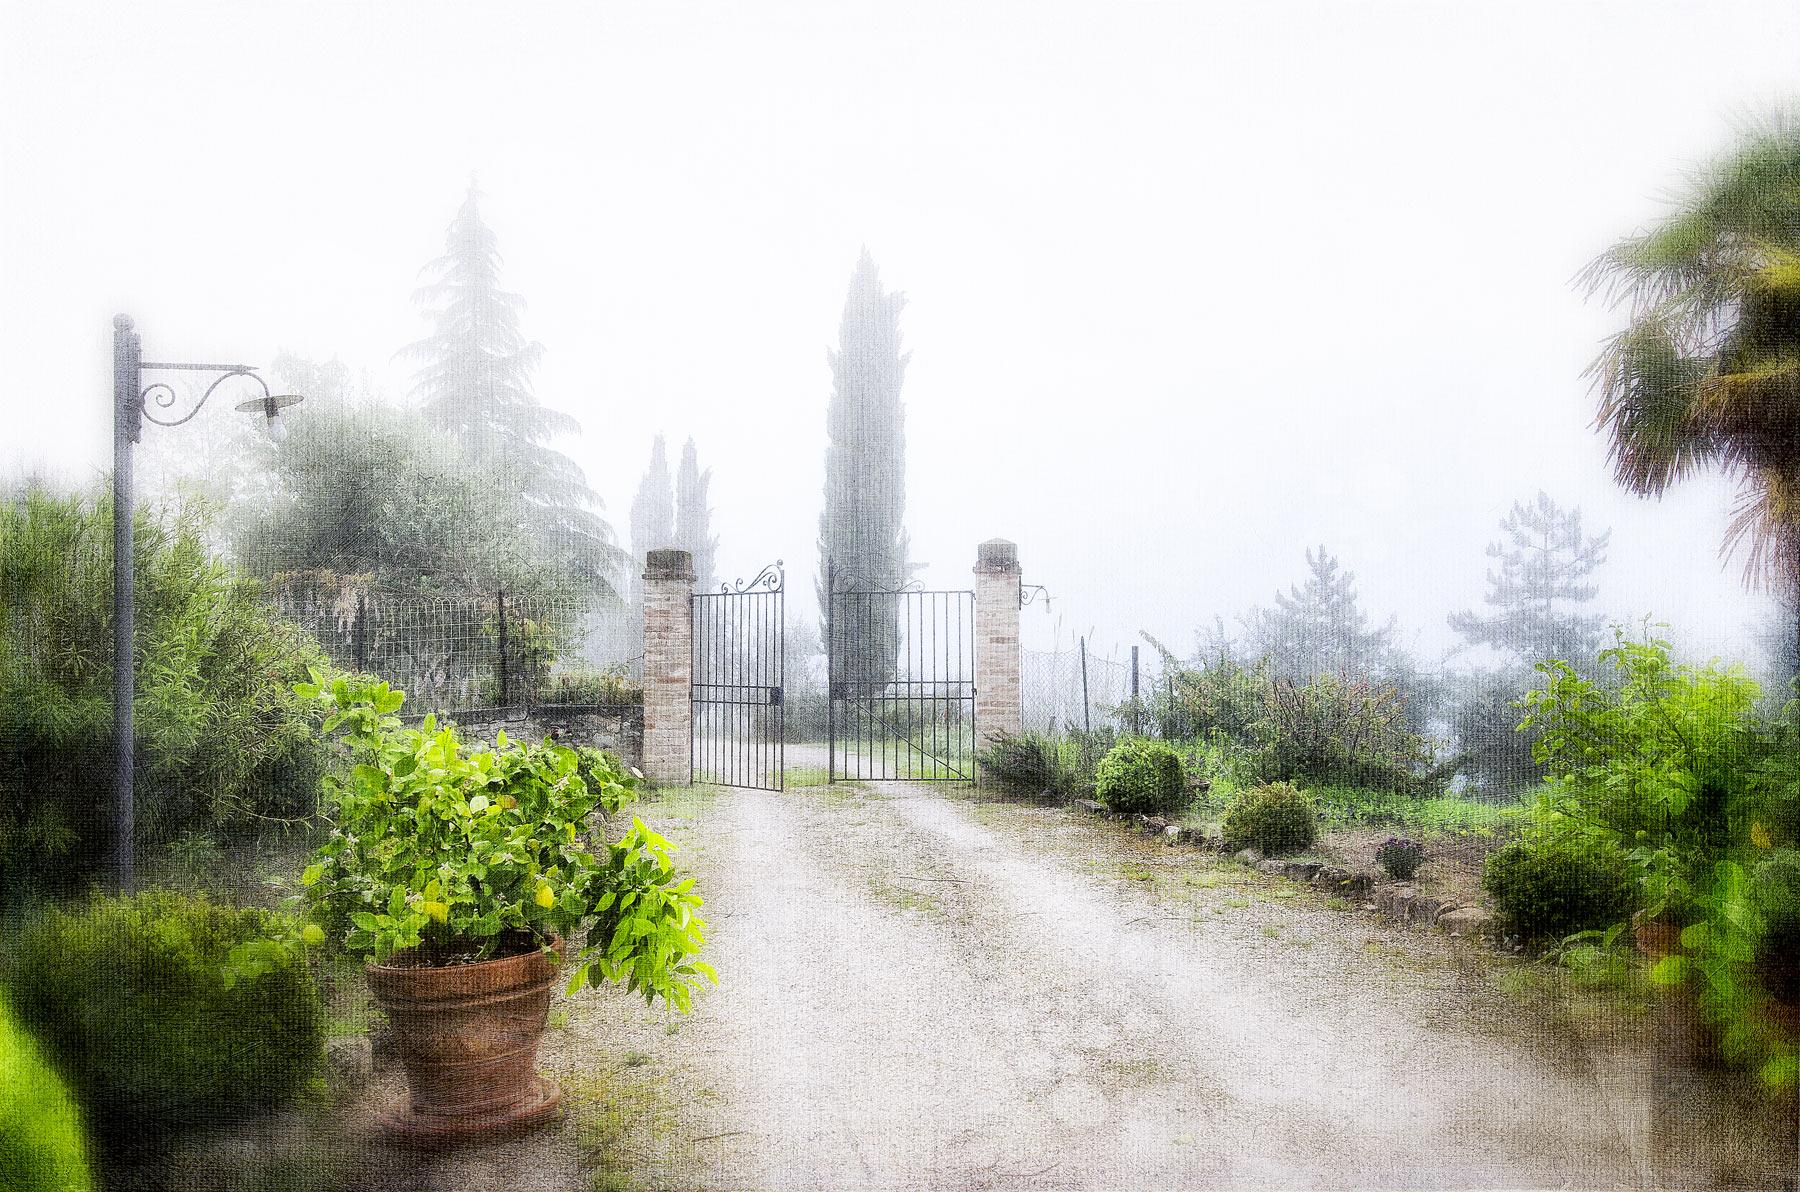 Tuscany #2304